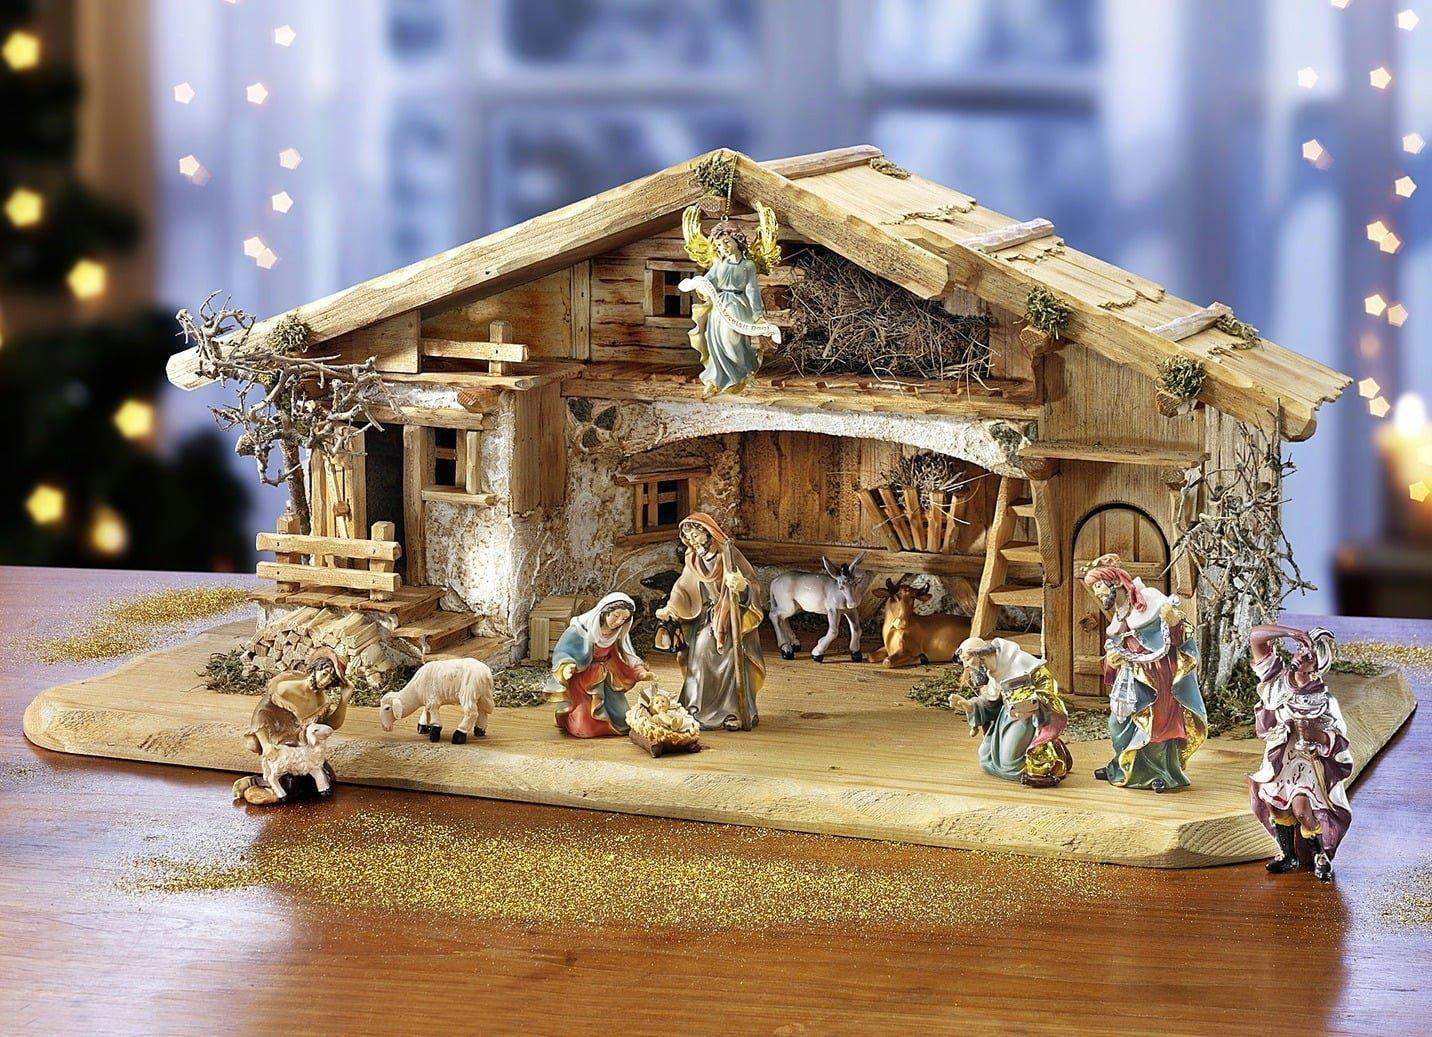 Krippenstall lindau weihnachten stall krippe figuren - Weihnachtsdeko figuren ...